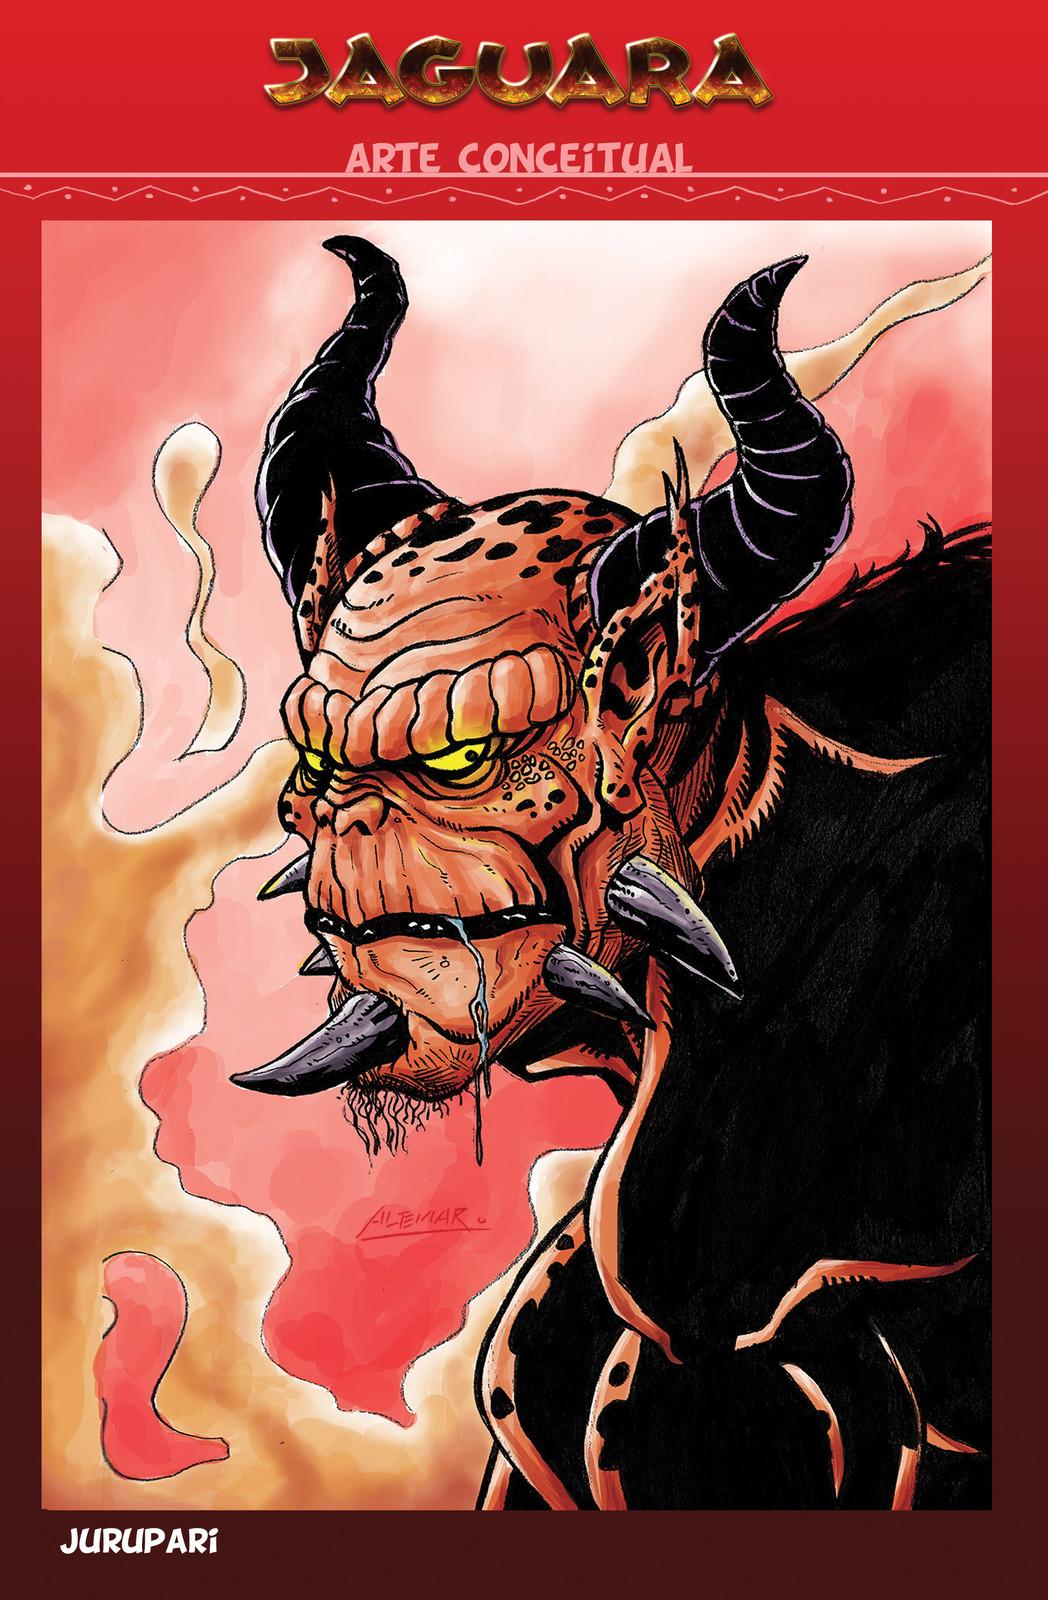 Jurupari - The supreme deamon and principal enemy of Jaguara